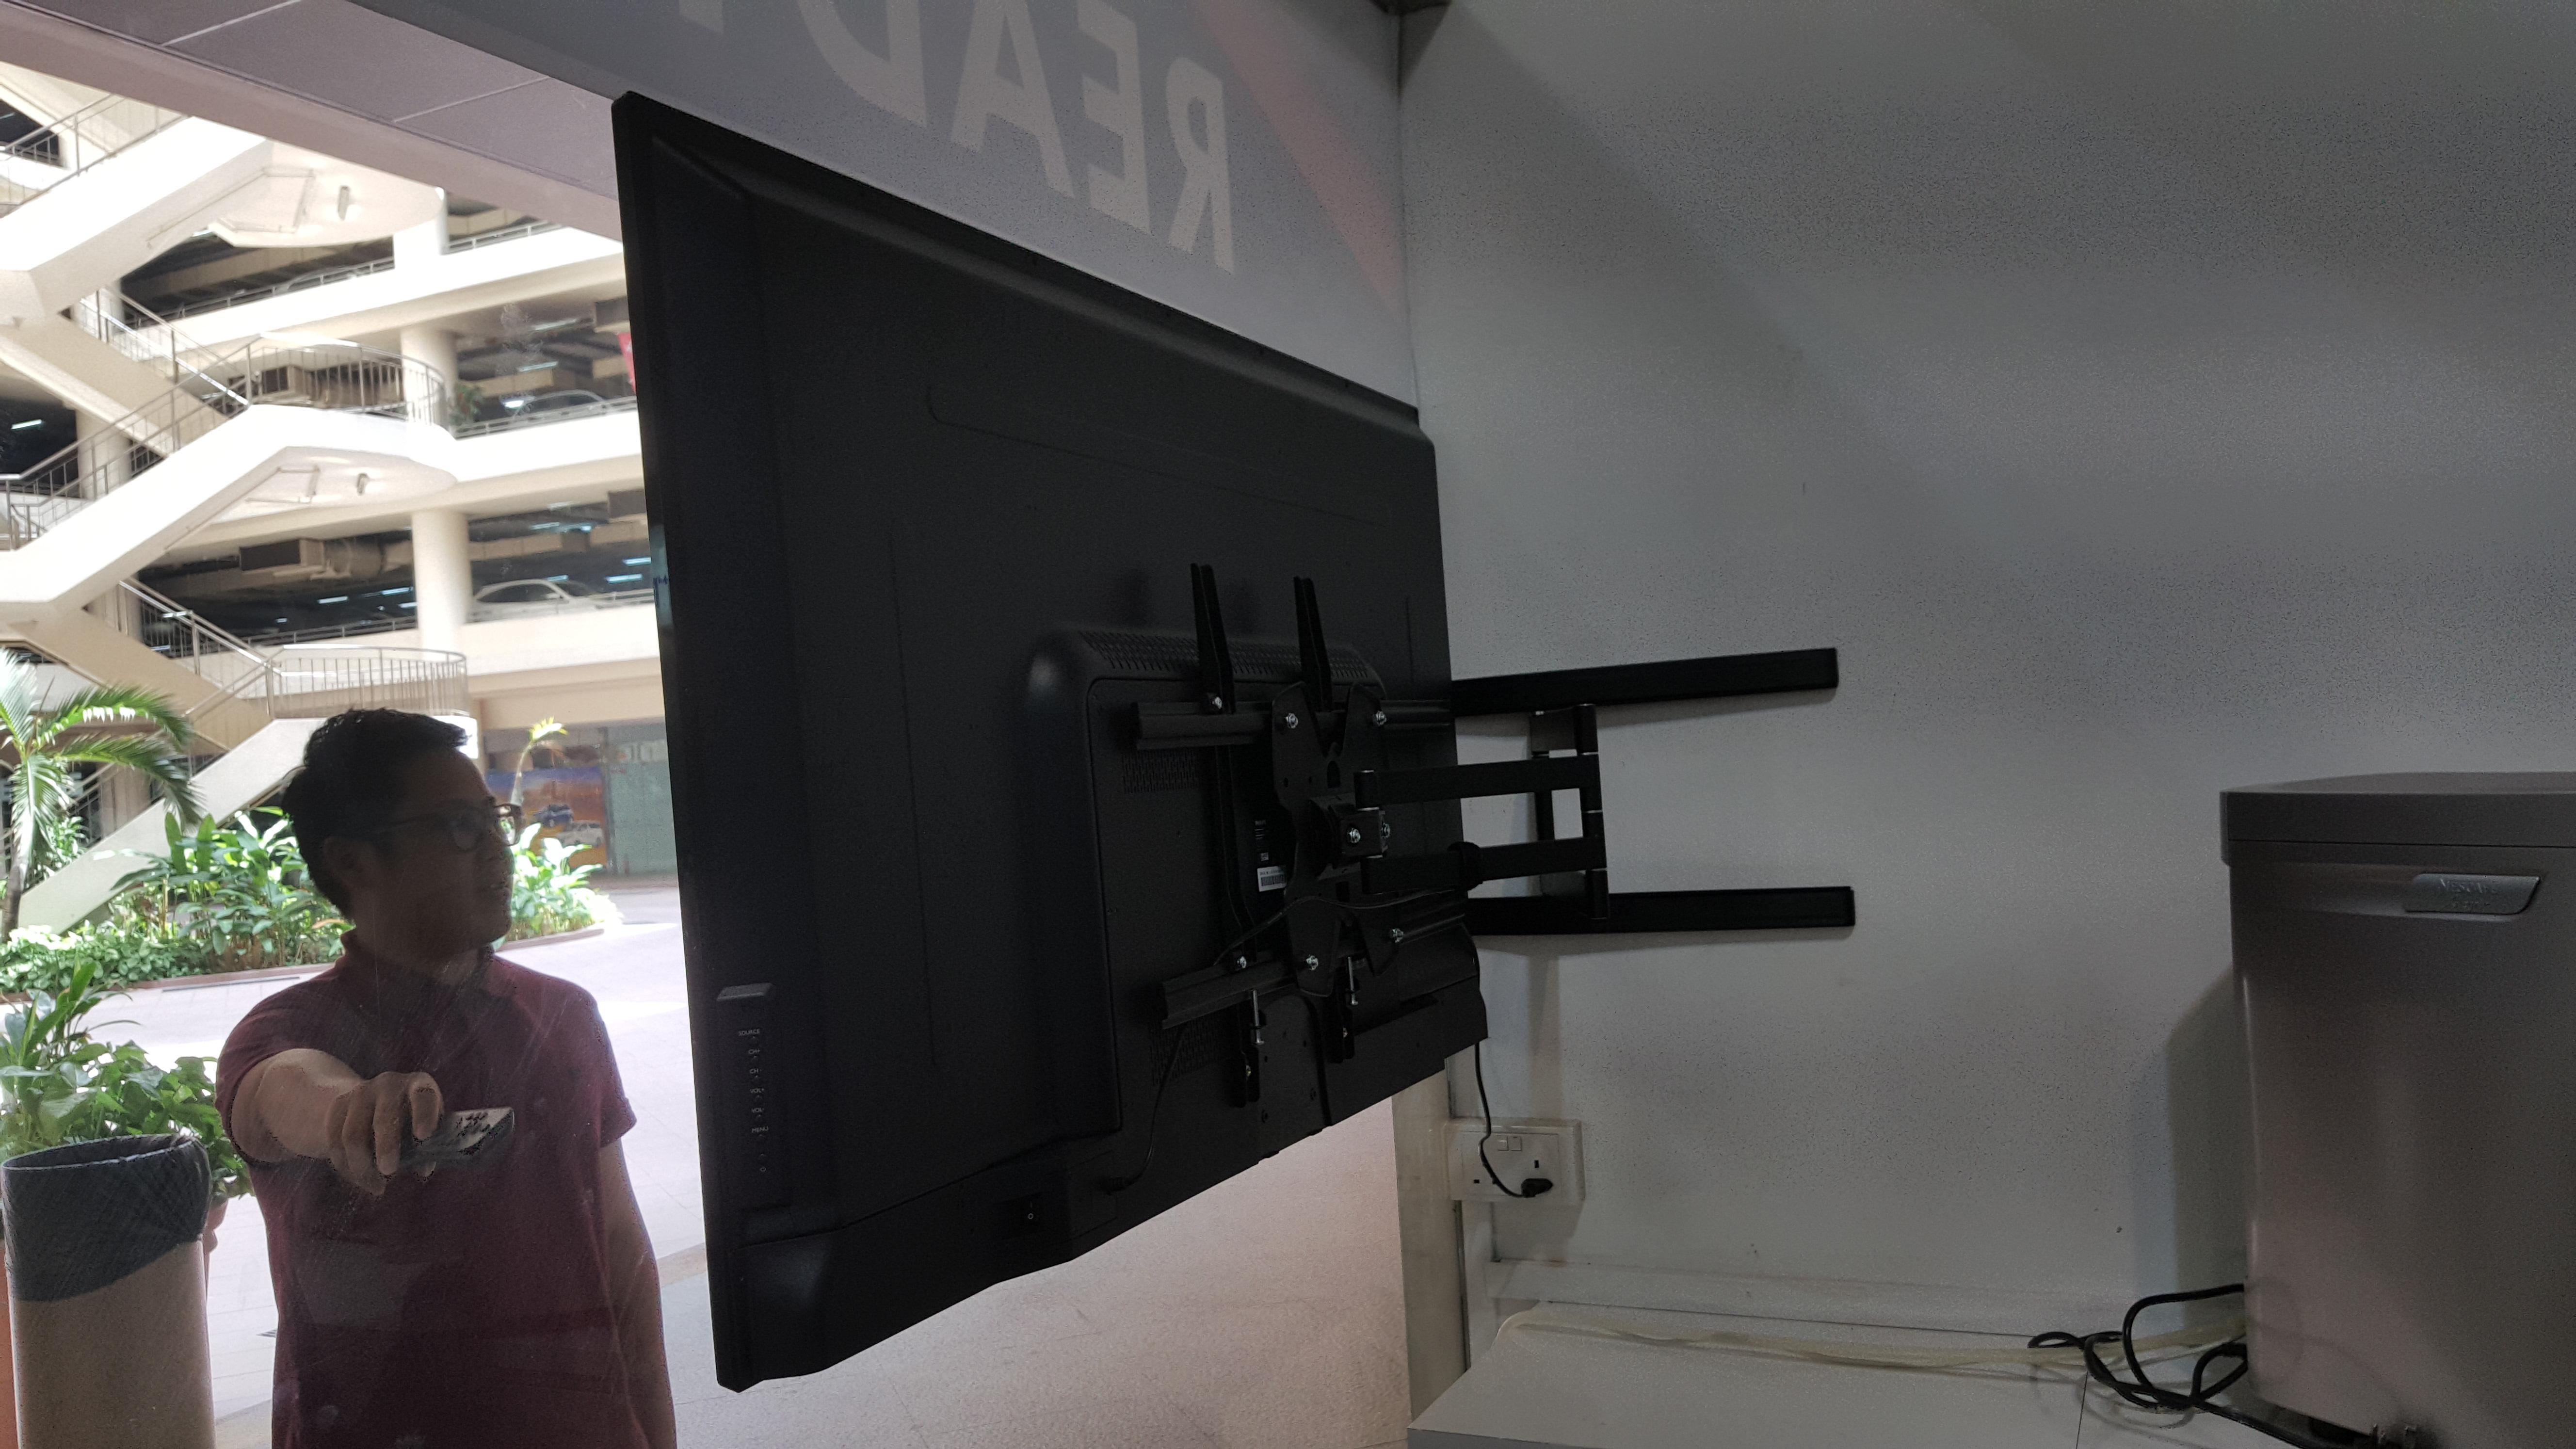 camera chris foot share ceiling slider mounted diy img the tv ceilings duke